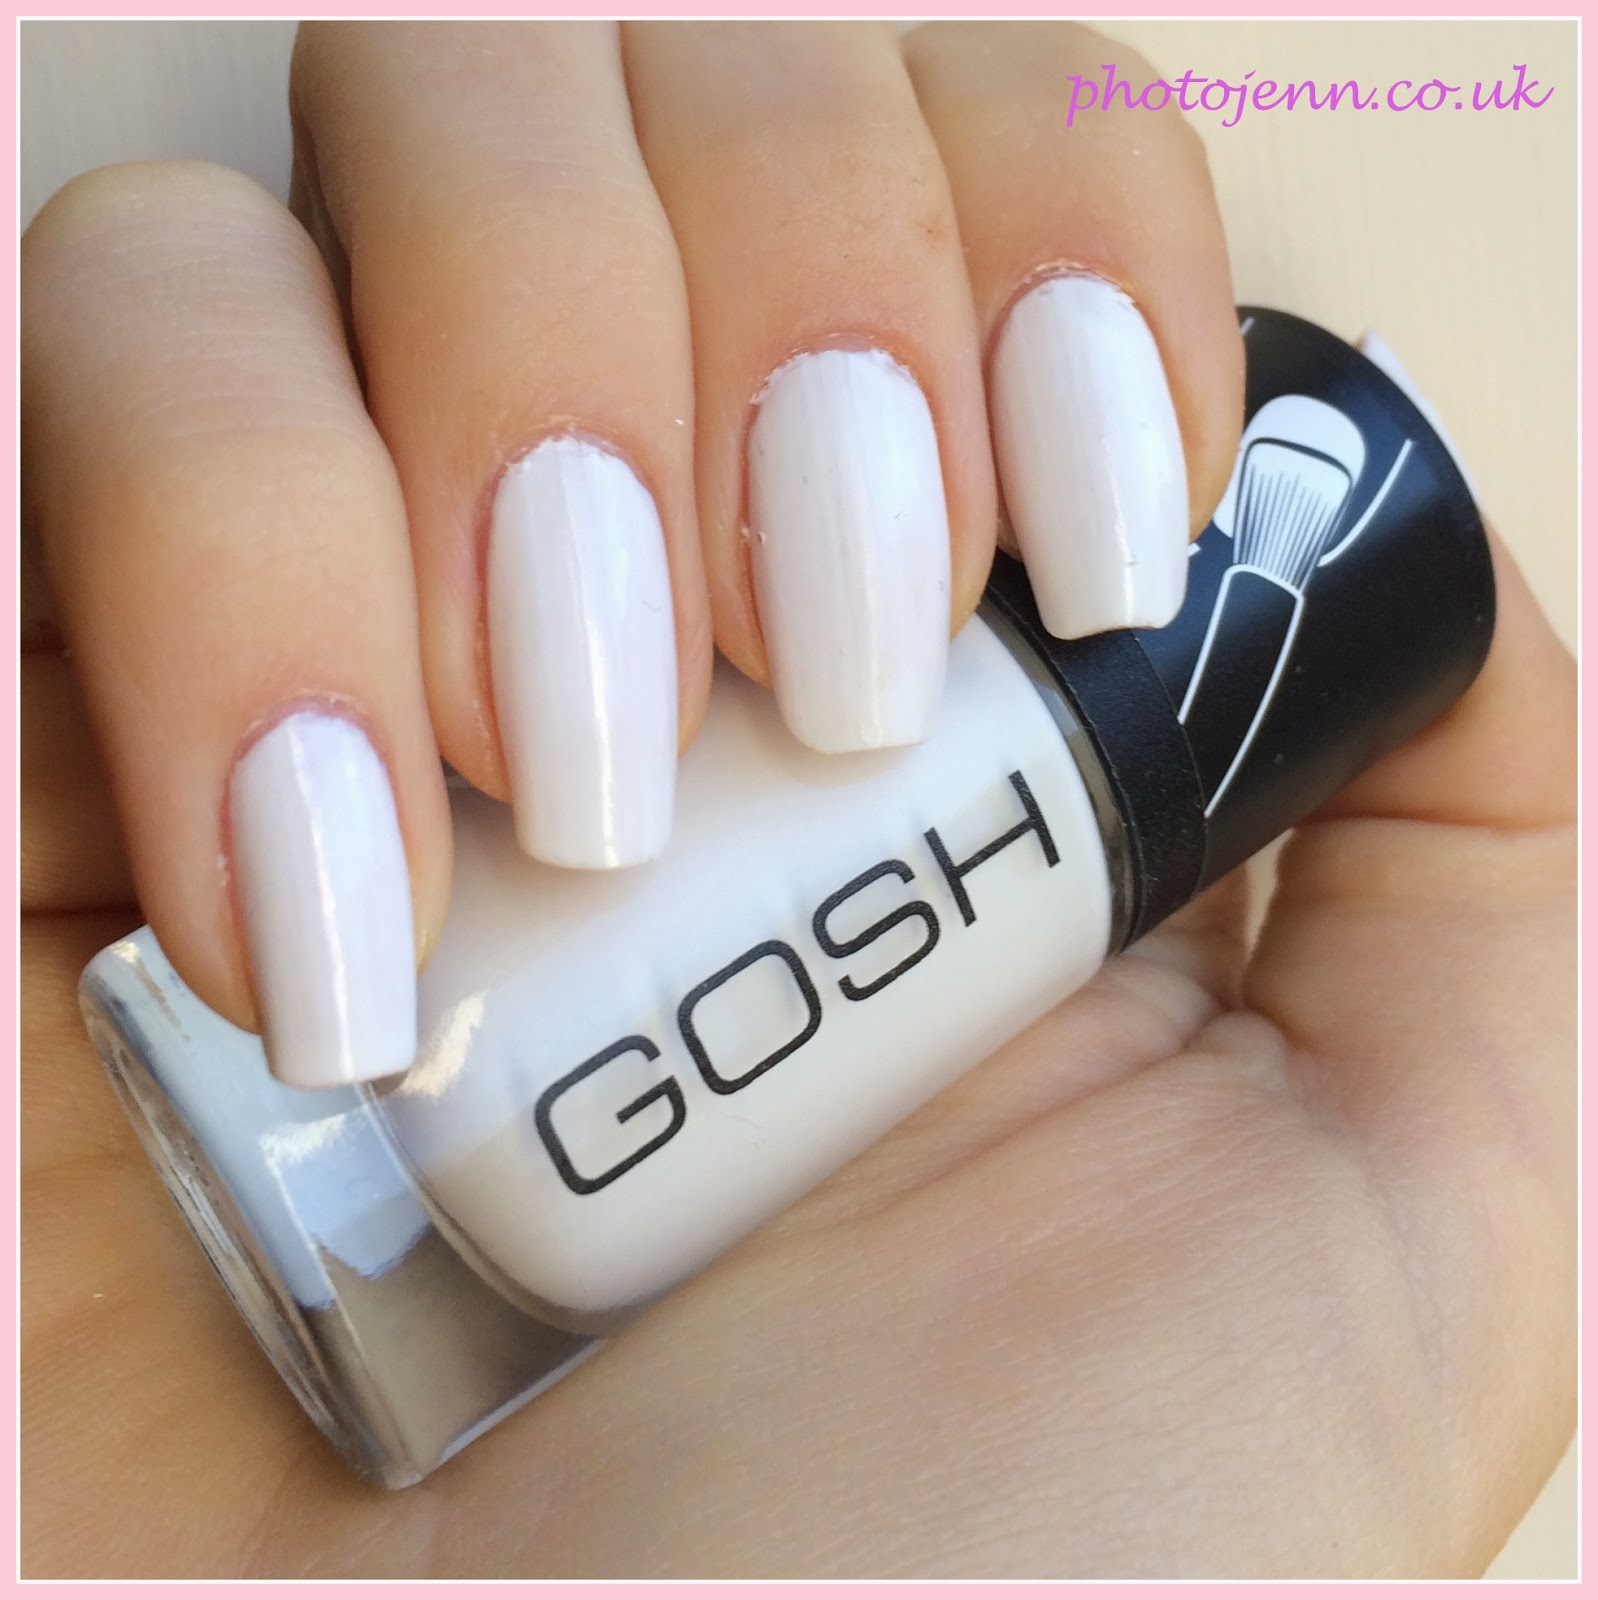 gosh-nail-lacquer-634-Snow-white